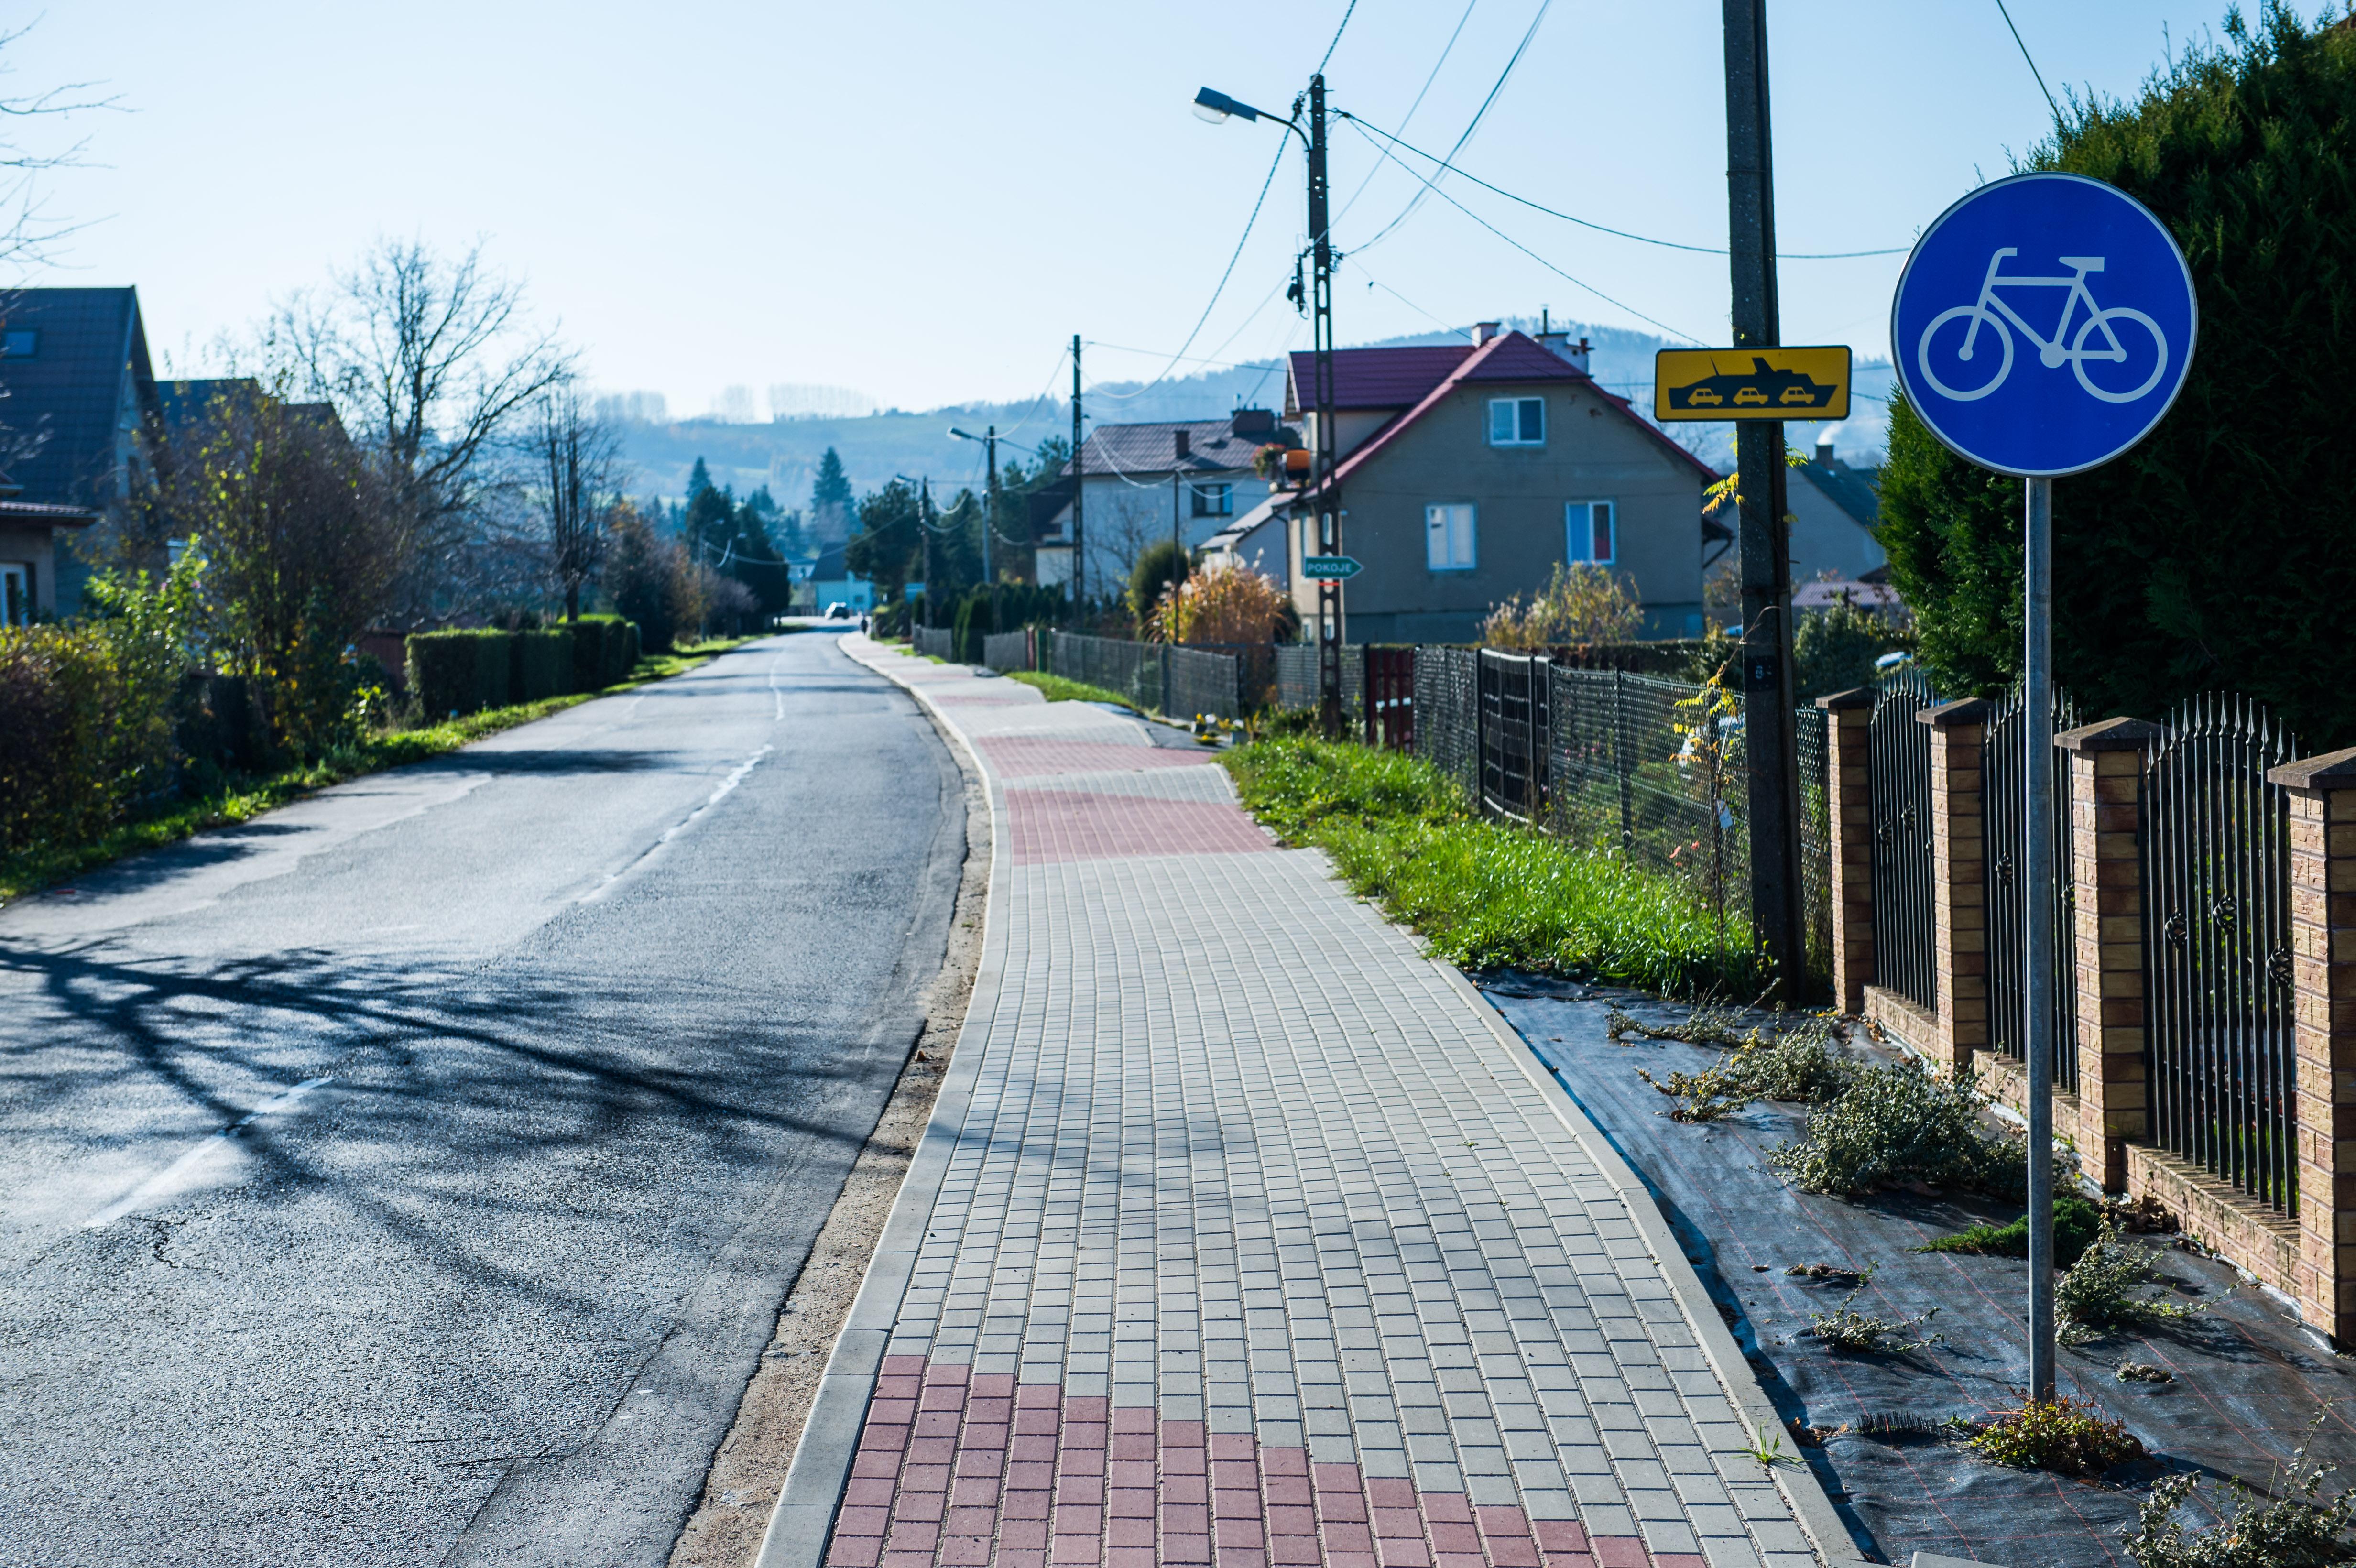 Nowa infrastruktura dla rowerzystów w Ciężkowicach i Zakliczynie